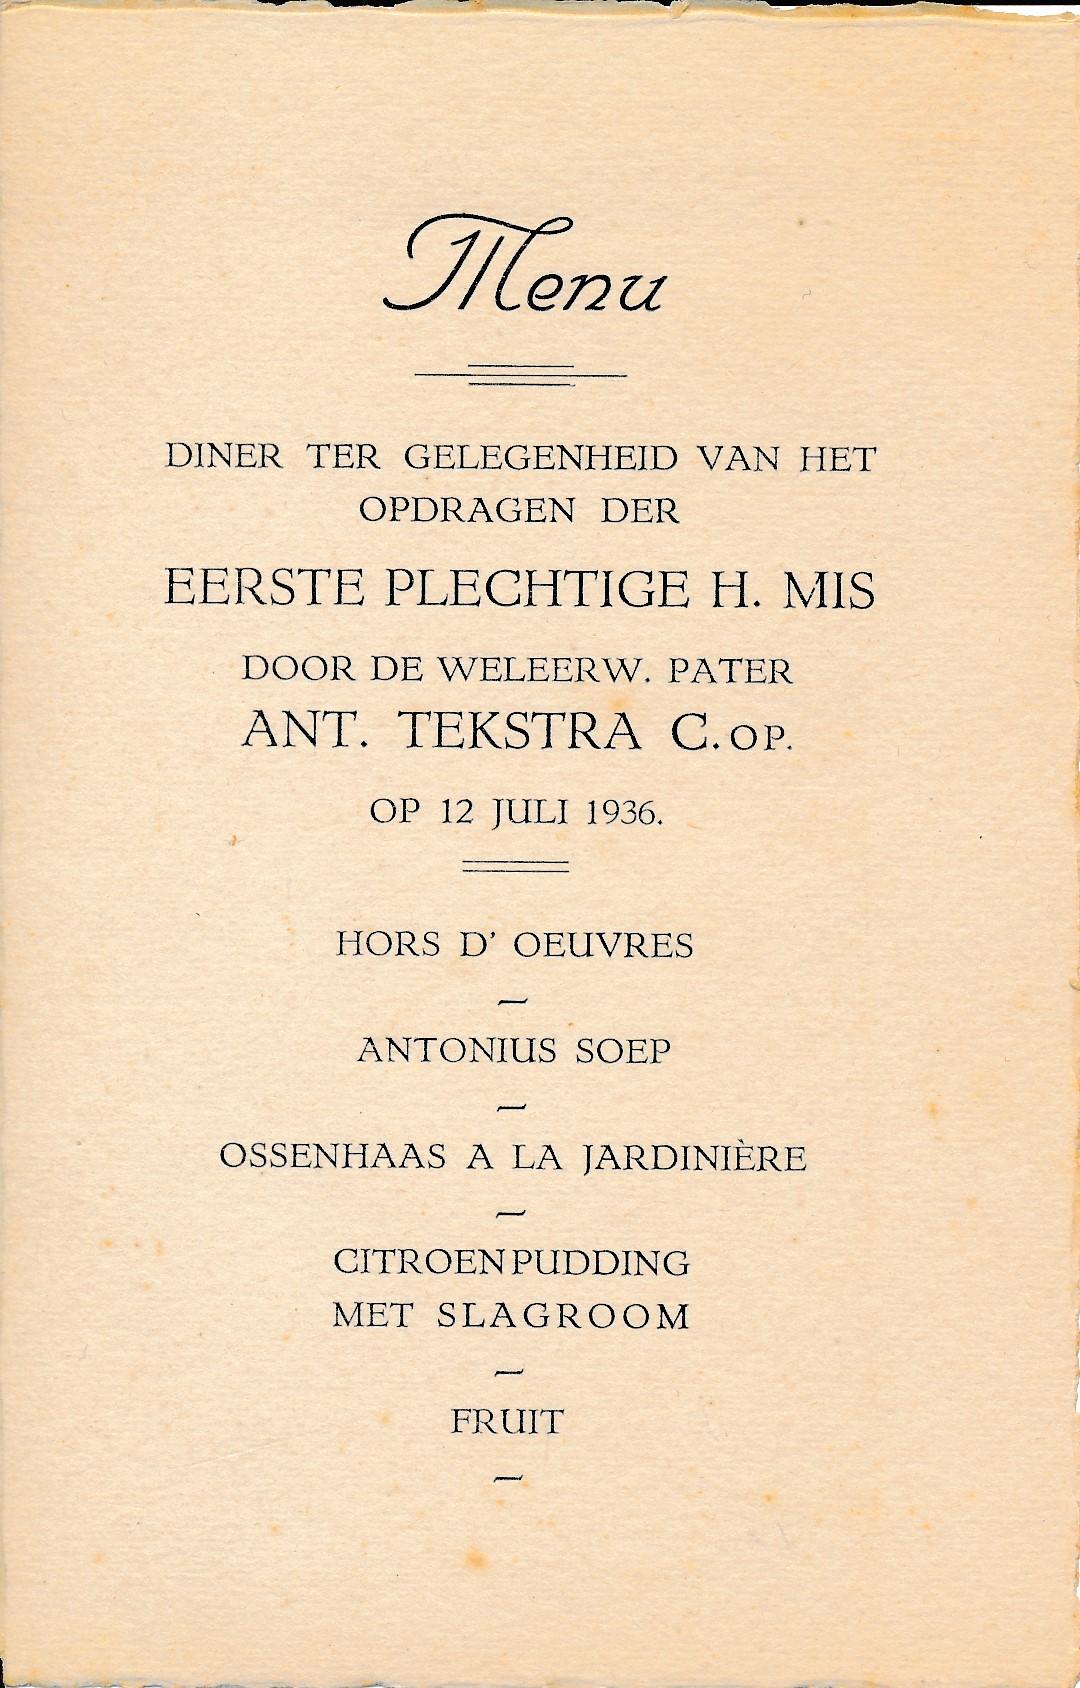 Fotoalbum Andre Kamsma, 027, Eerste plechtige heilige mis, 12-07-1936